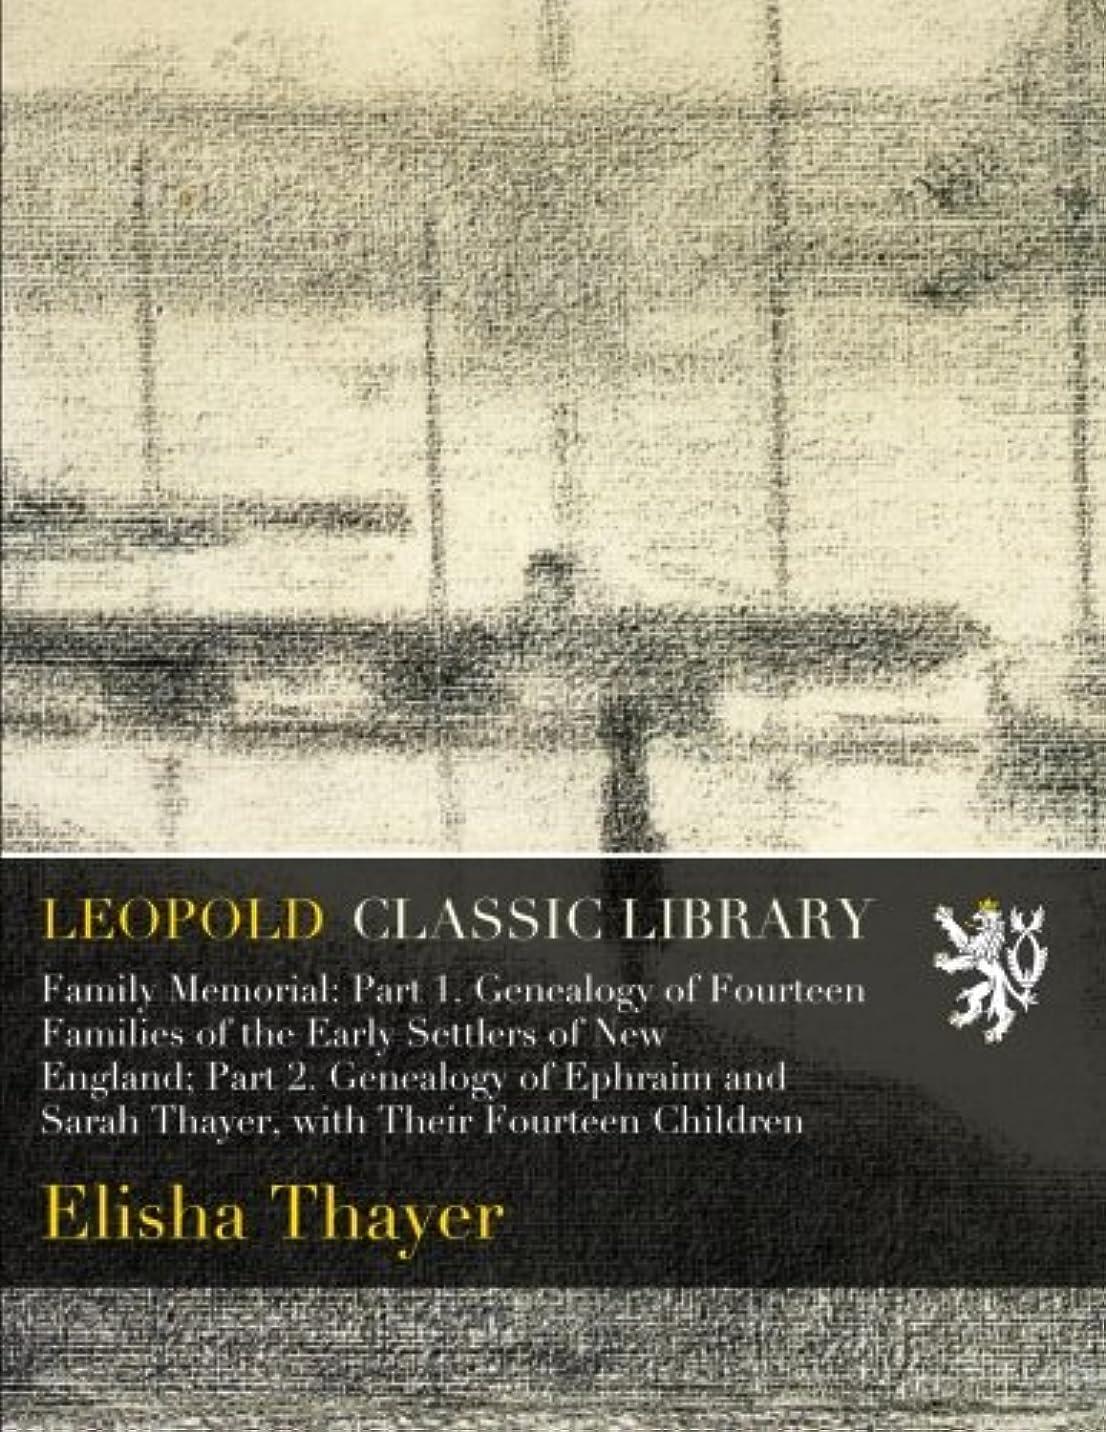 困難流星アラートFamily Memorial: Part 1. Genealogy of Fourteen Families of the Early Settlers of New England; Part 2. Genealogy of Ephraim and Sarah Thayer, with Their Fourteen Children